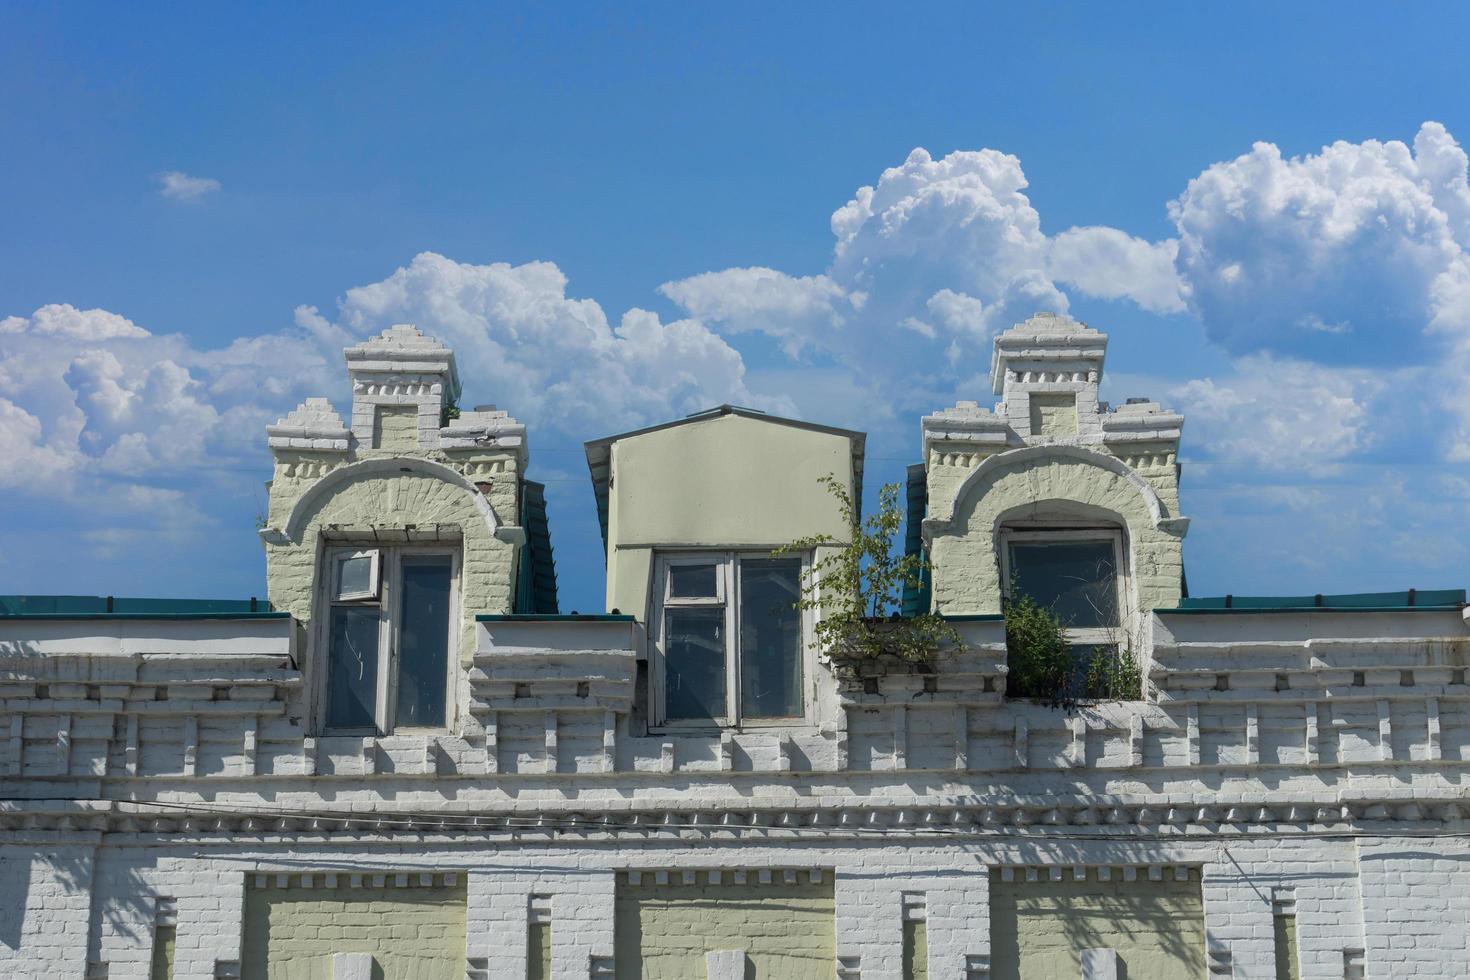 stadslandskap med en gammal byggnad mot en blå himmel. foto